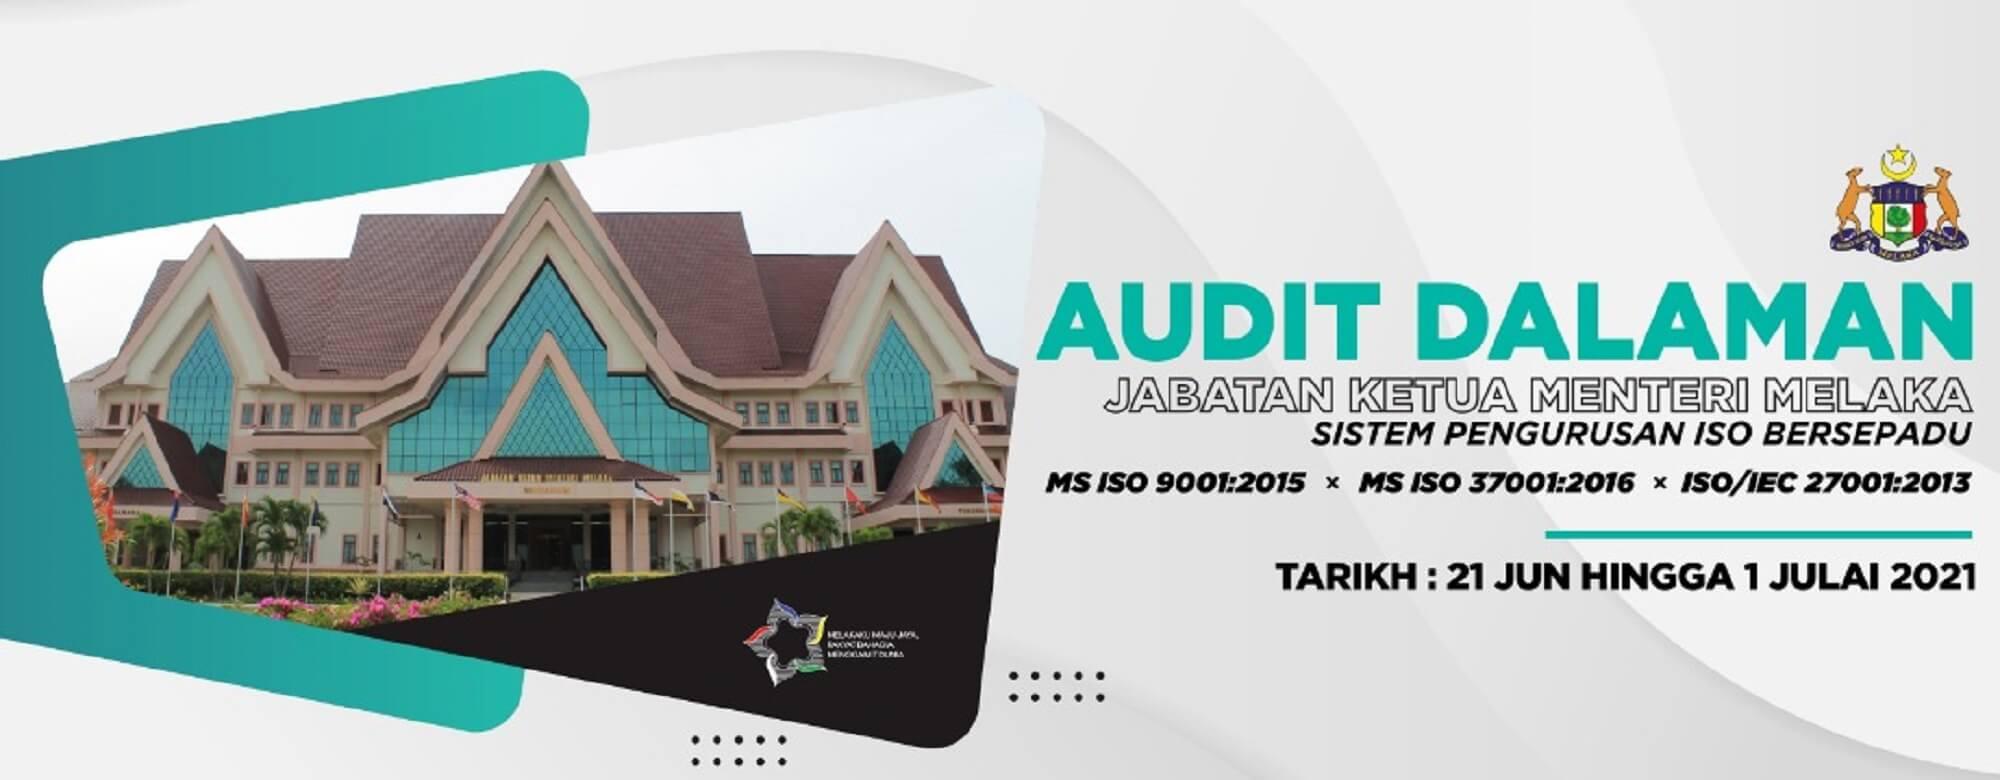 audit_dalam_jun202